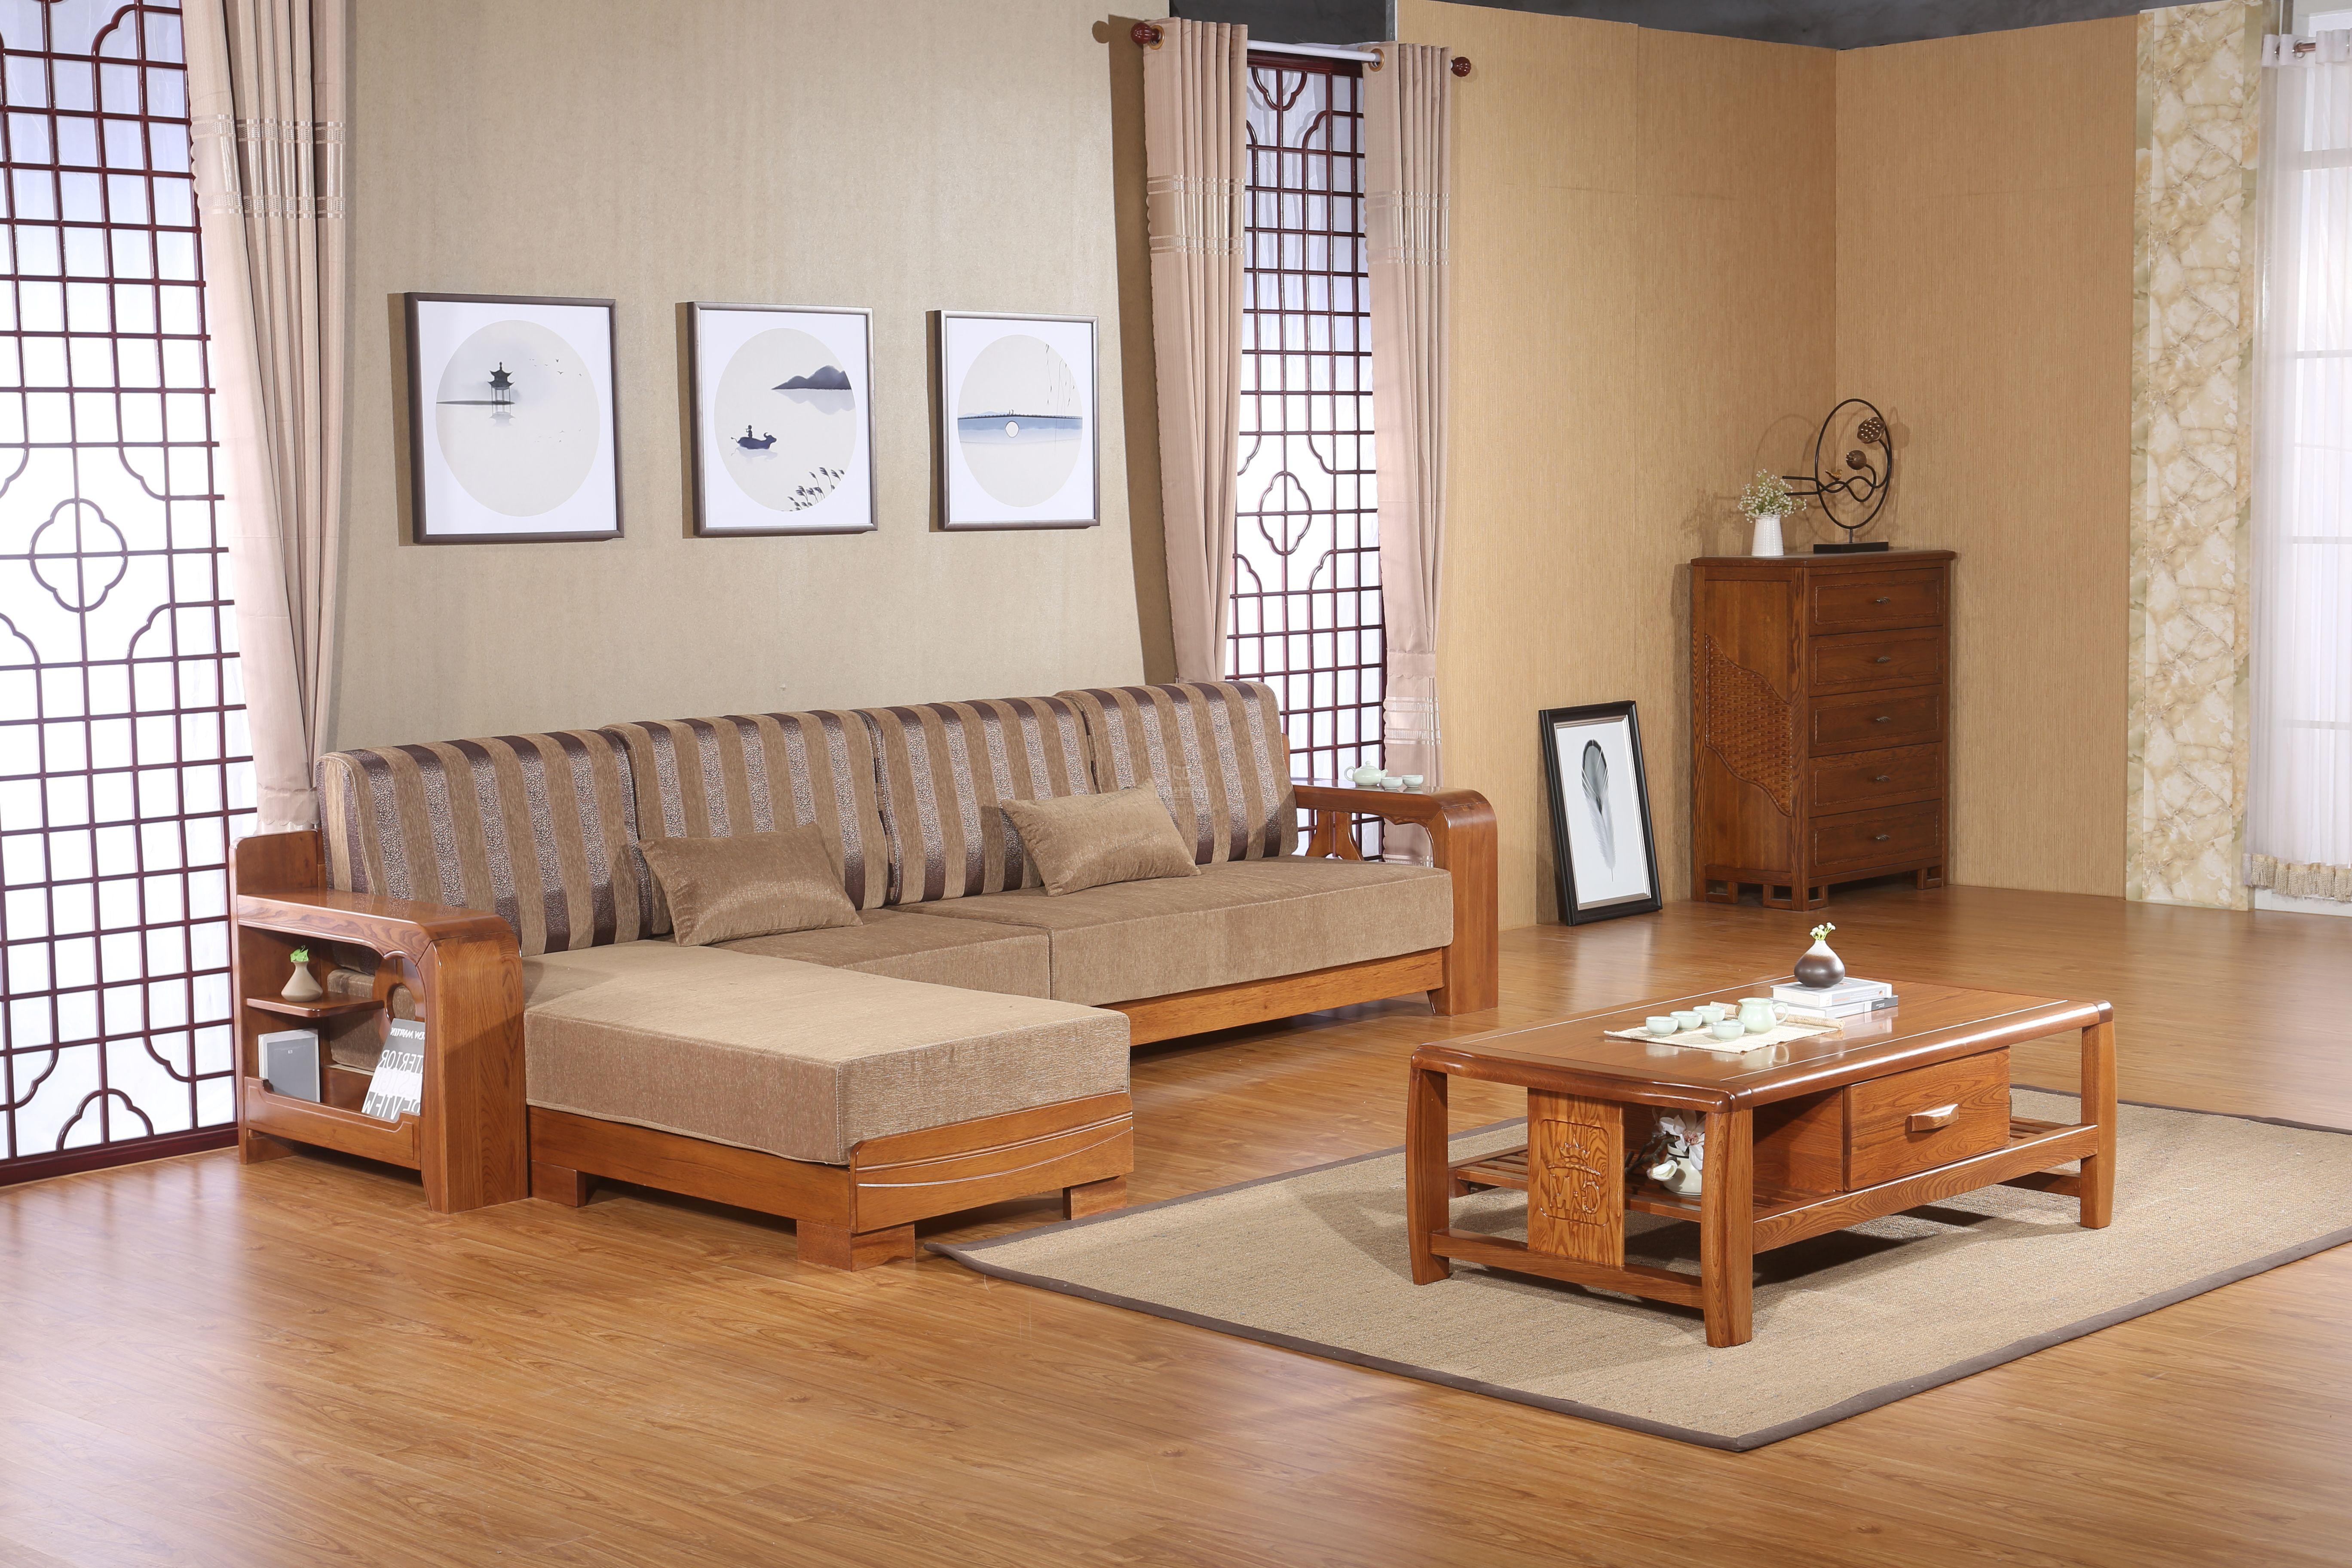 淘宝款沙发,照片建模,沙发组合  茶几图片